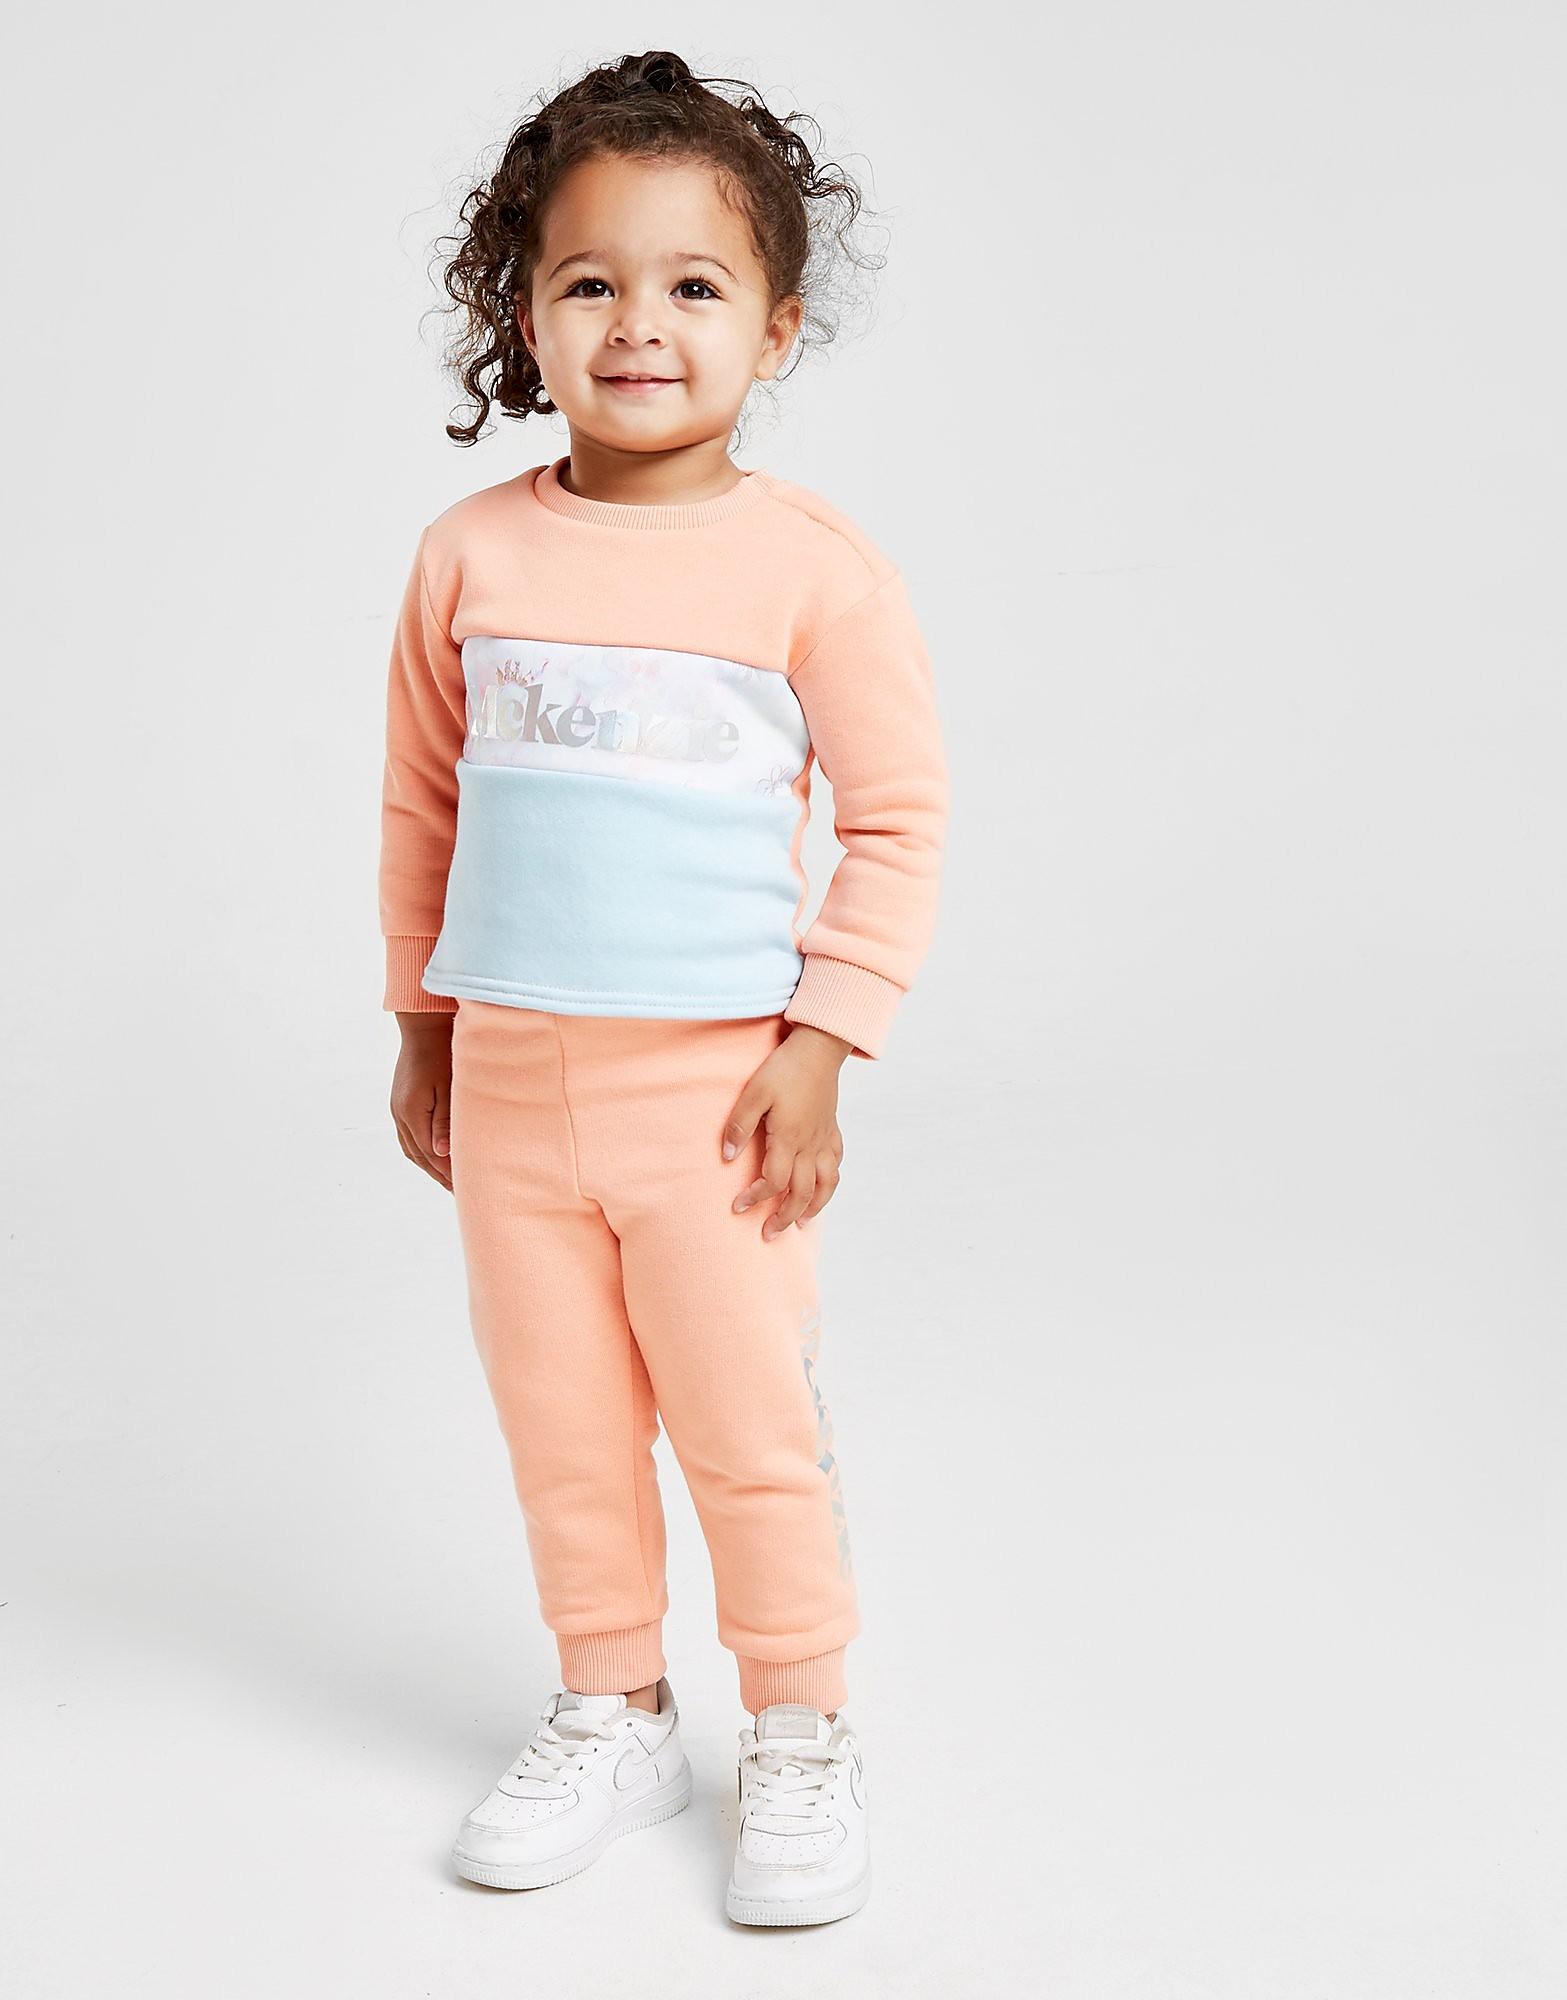 McKenzie Girls' Micro Amy Fleece Suit Baby's - alleen bij JD - Oranje - Kind